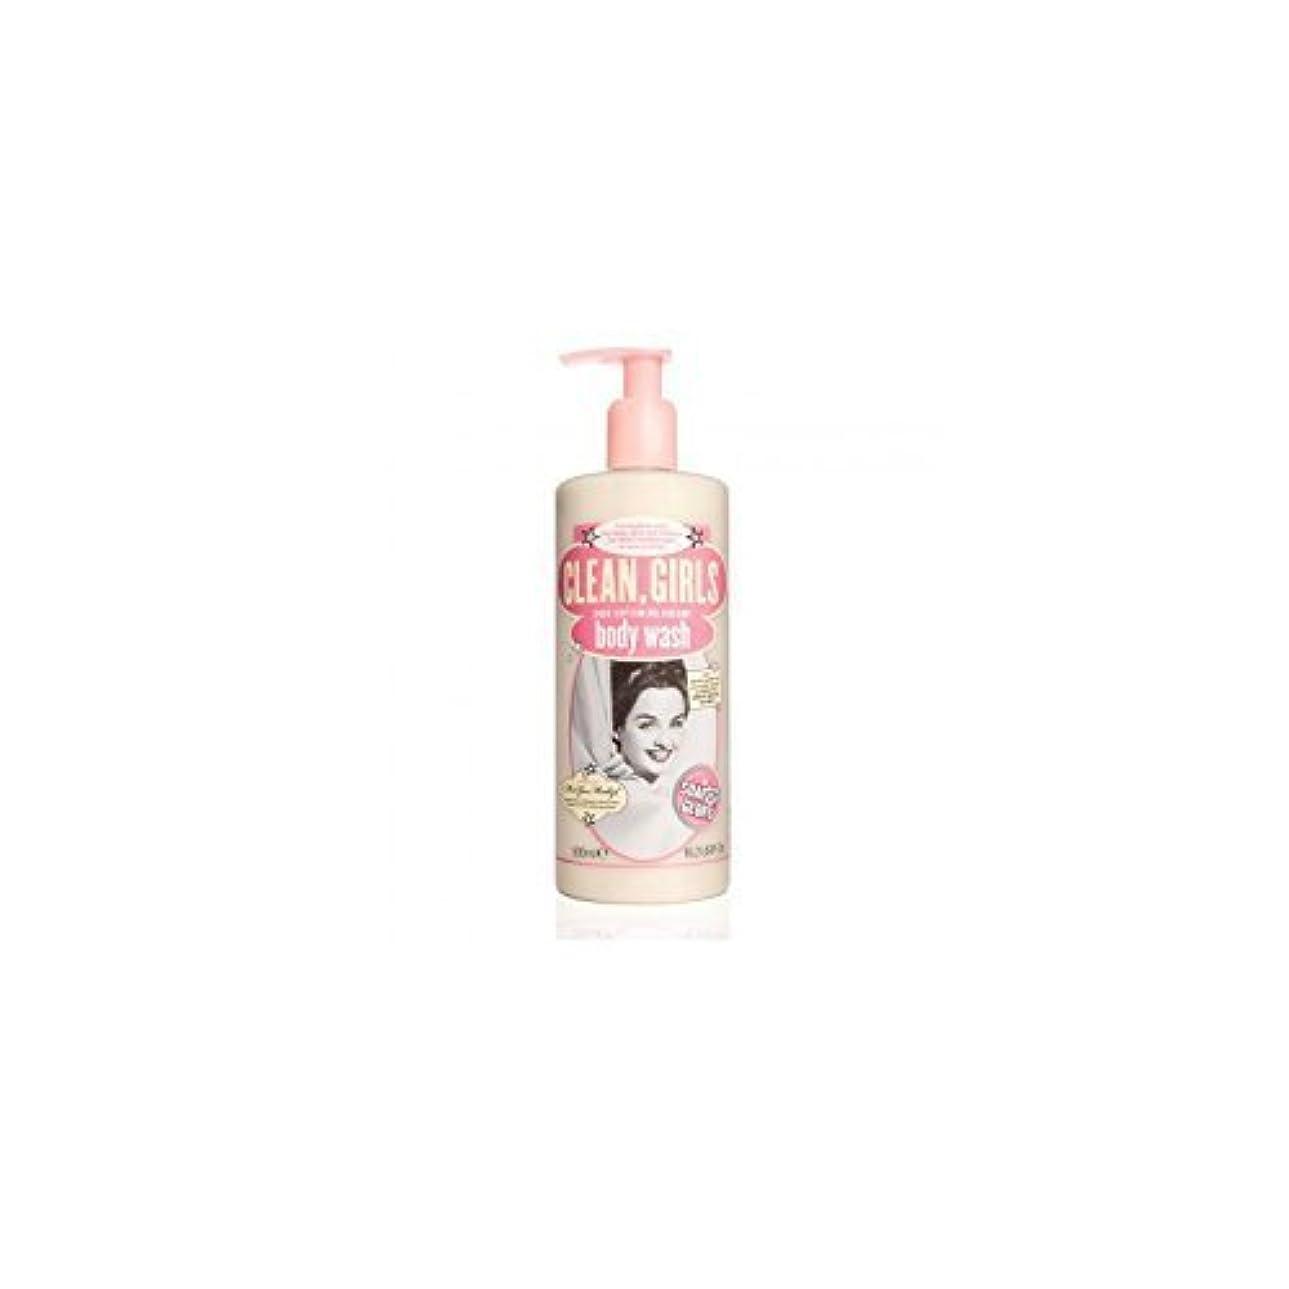 火薬パワーセル民主党Soap & Glory Clean Girls Body Wash 500ml by Trifing